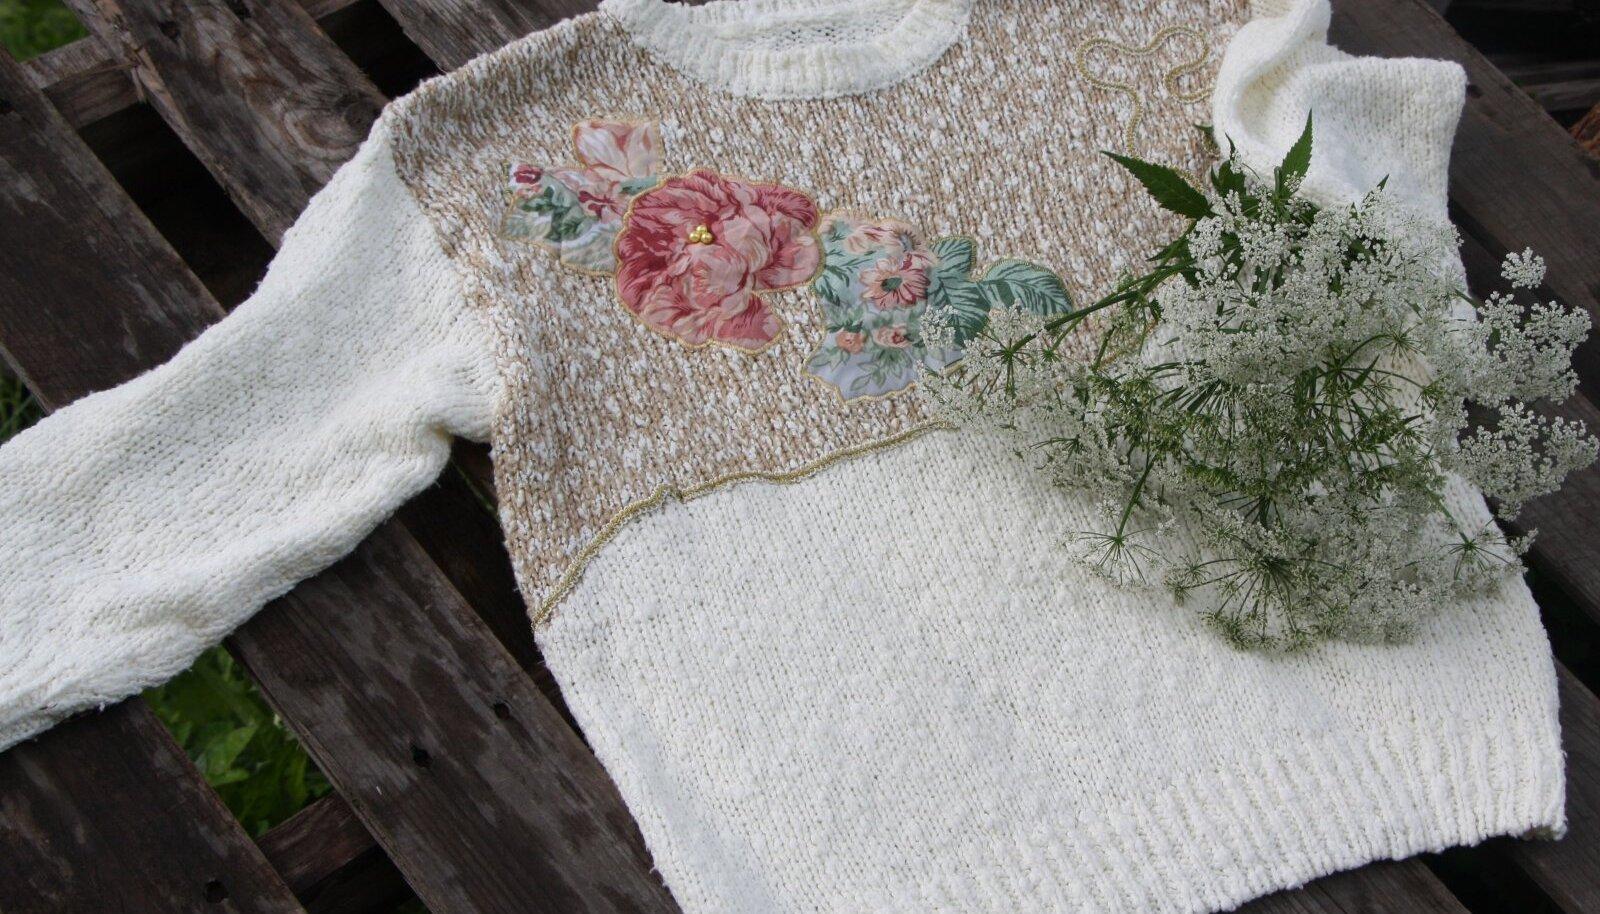 Lõigake erineva kuju ning suurusega lilled välja ja hakake riideesemele paigutama. Alati võib lilleõisi lõigata varuga, eks siis sobitamise käigus selgub, milliseid kasutate ning mis jäävad järgmist korda ootama.